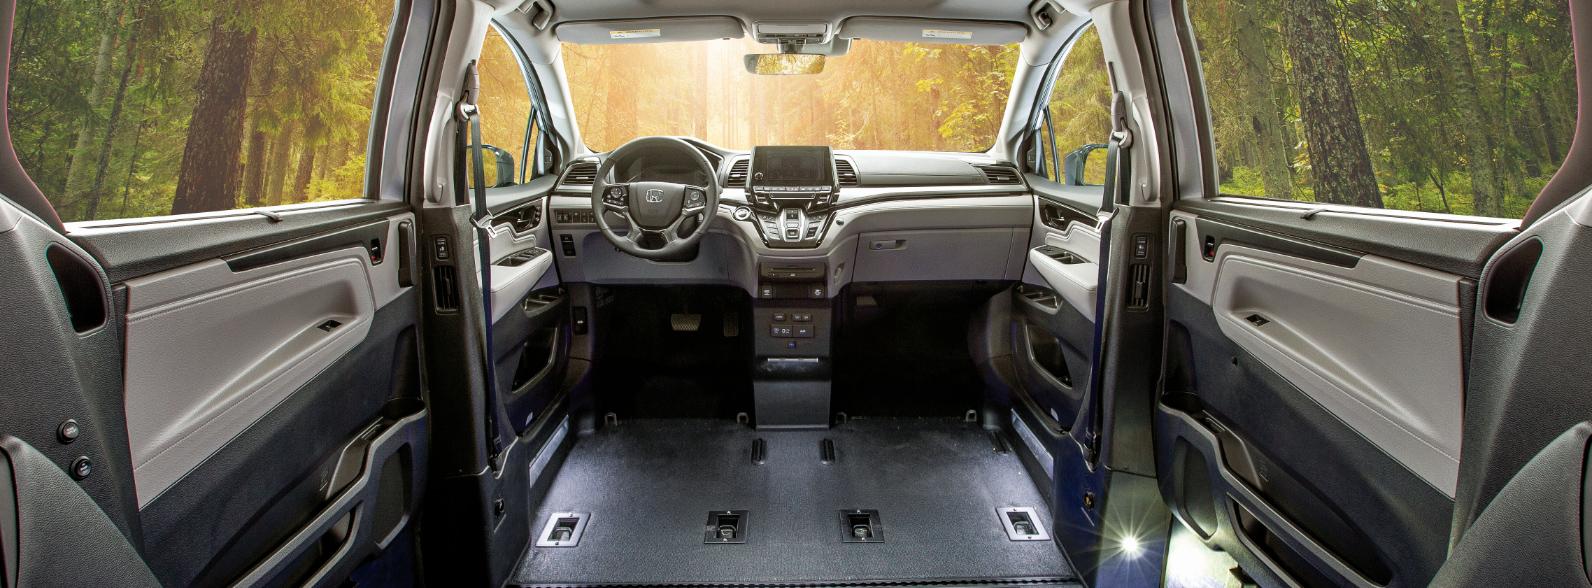 VMI Honda Odyssey Car interior